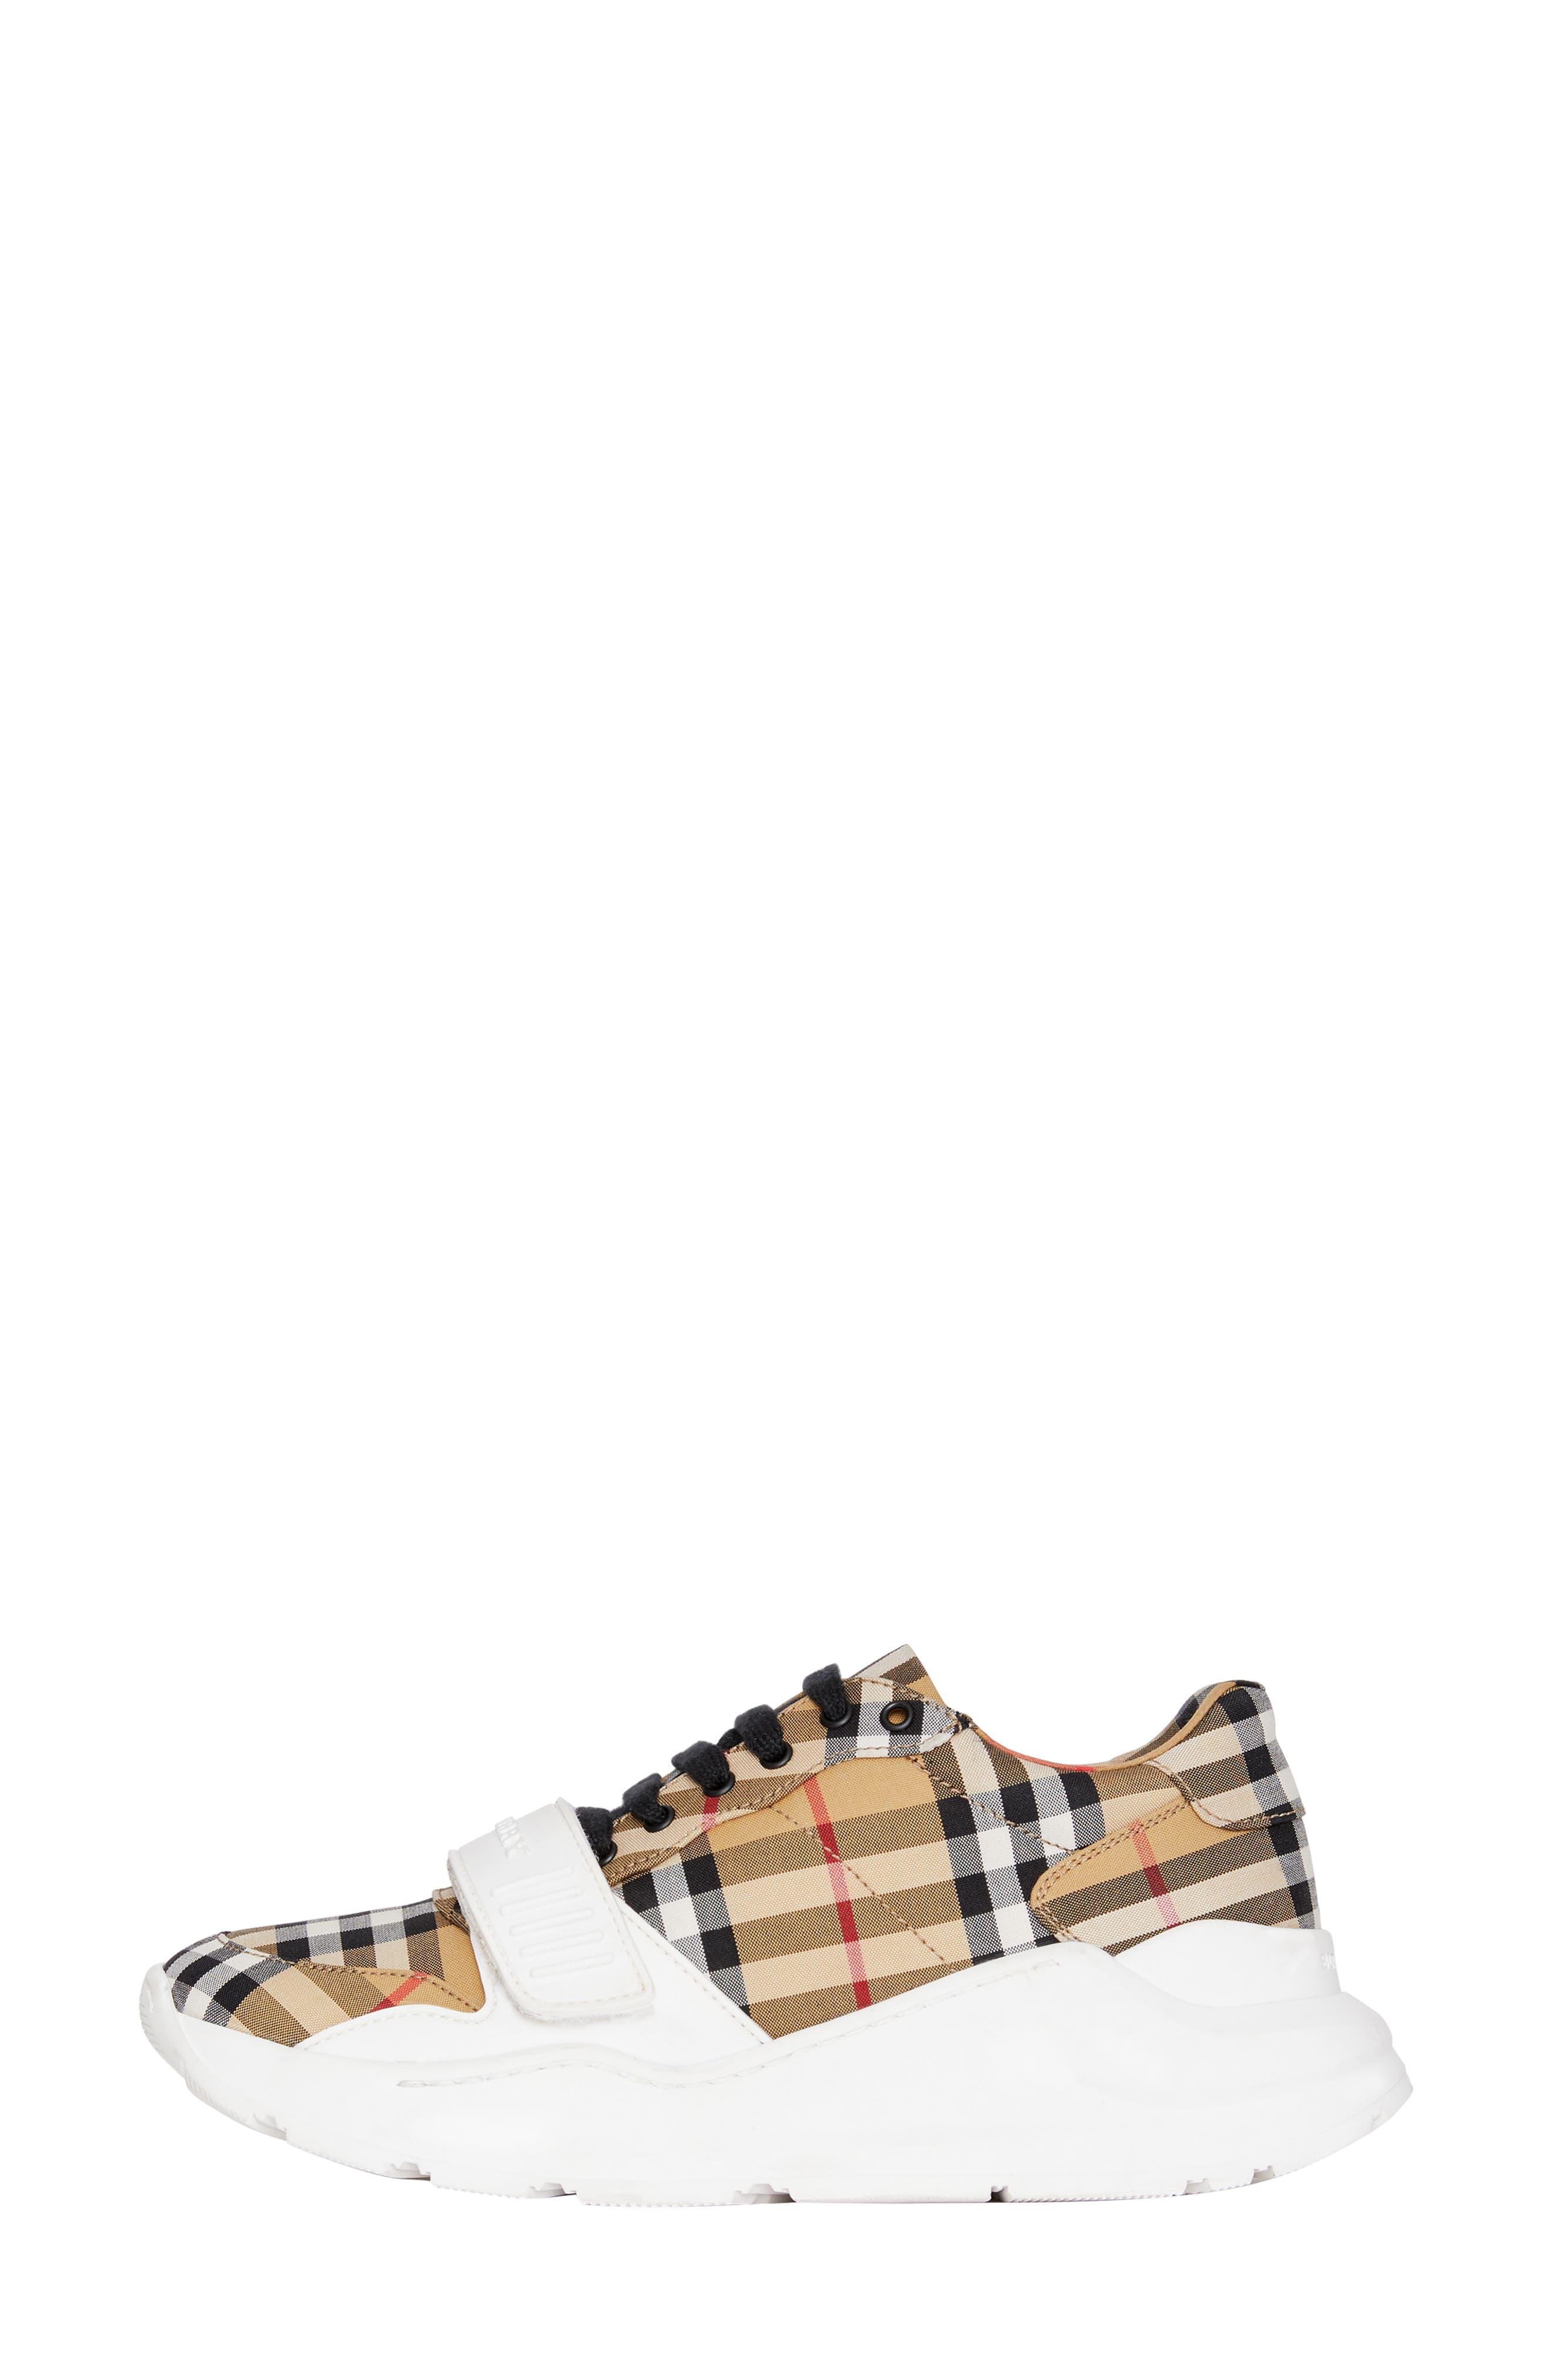 BURBERRY, Regis Check Lace-Up Sneaker, Alternate thumbnail 8, color, BEIGE PLAID